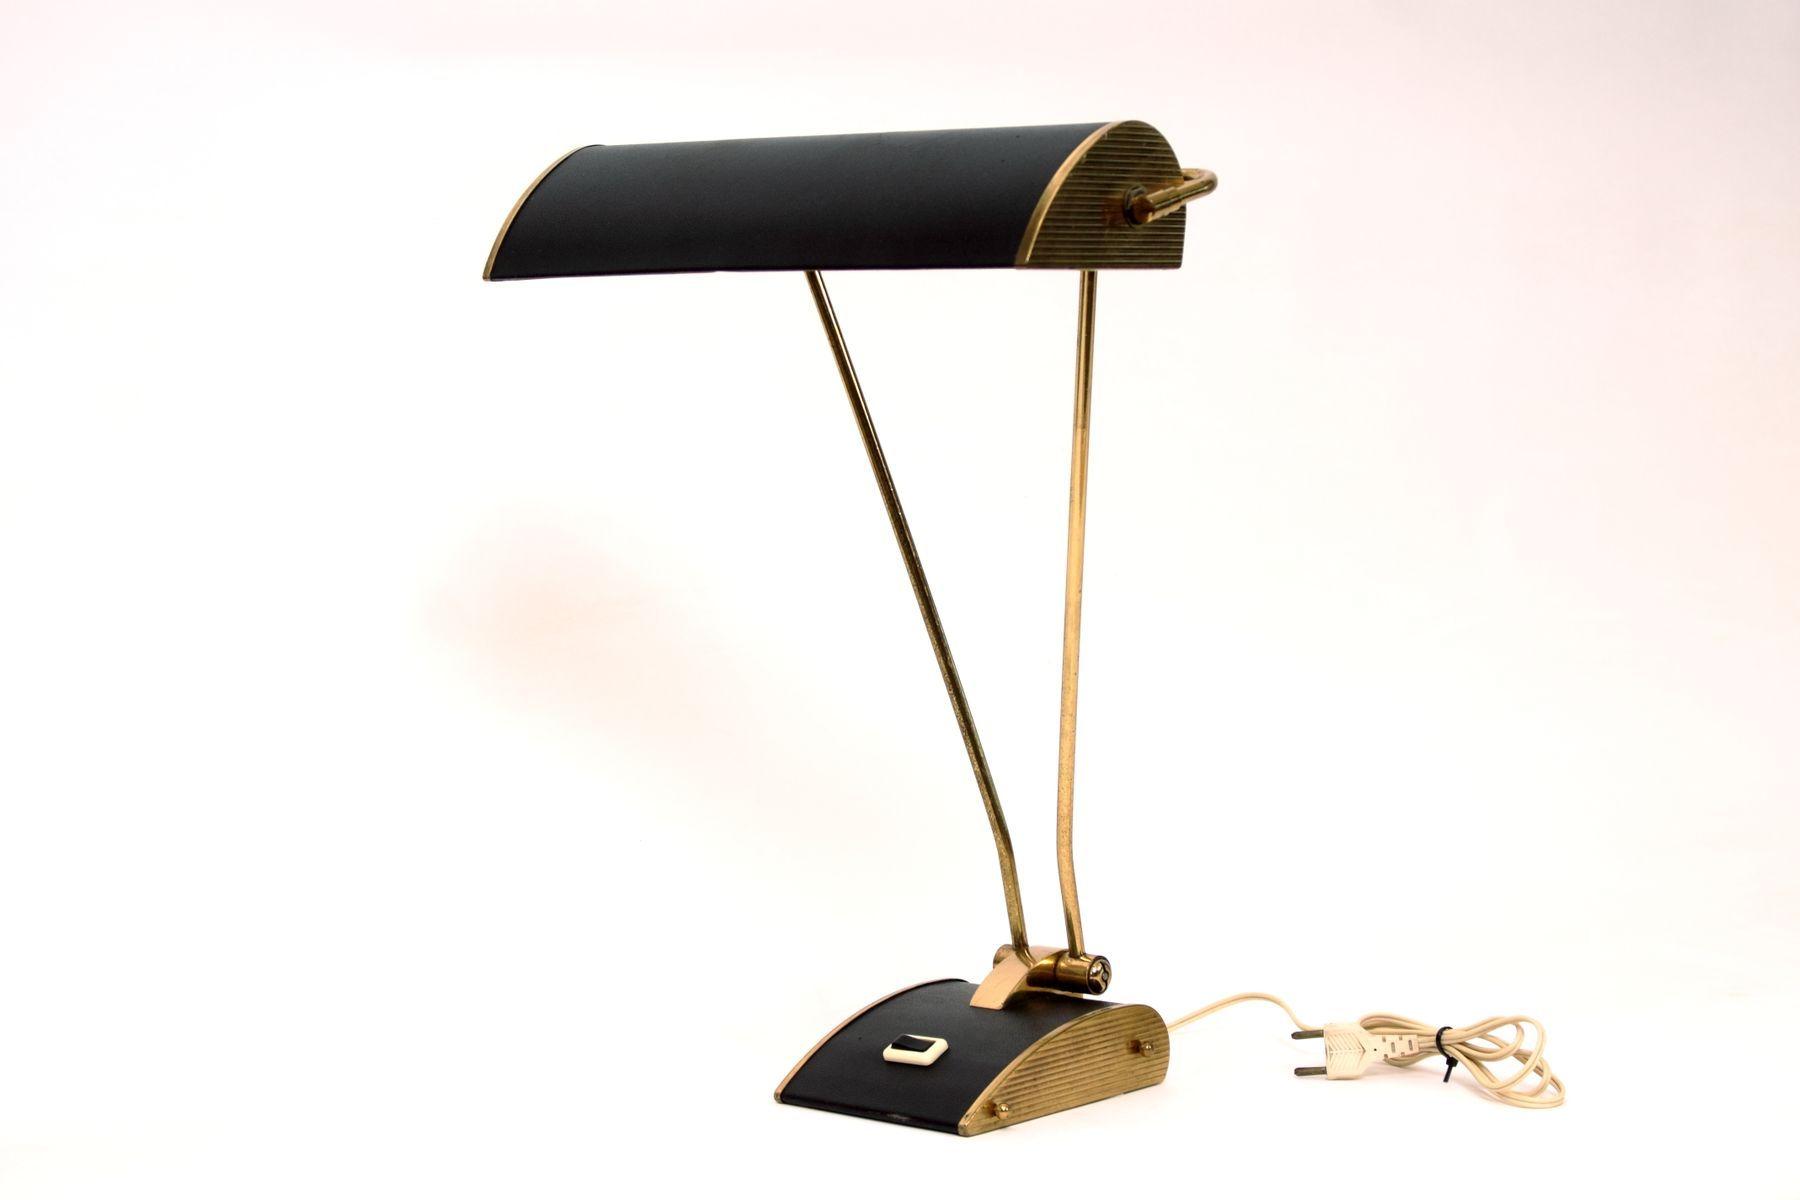 Franzosisch Tabelle Lampen Franzosisch Tabelle Lampen Wenn Sie Daruber Nachdenken Residence Innenausstattung Es Ist Wirklich